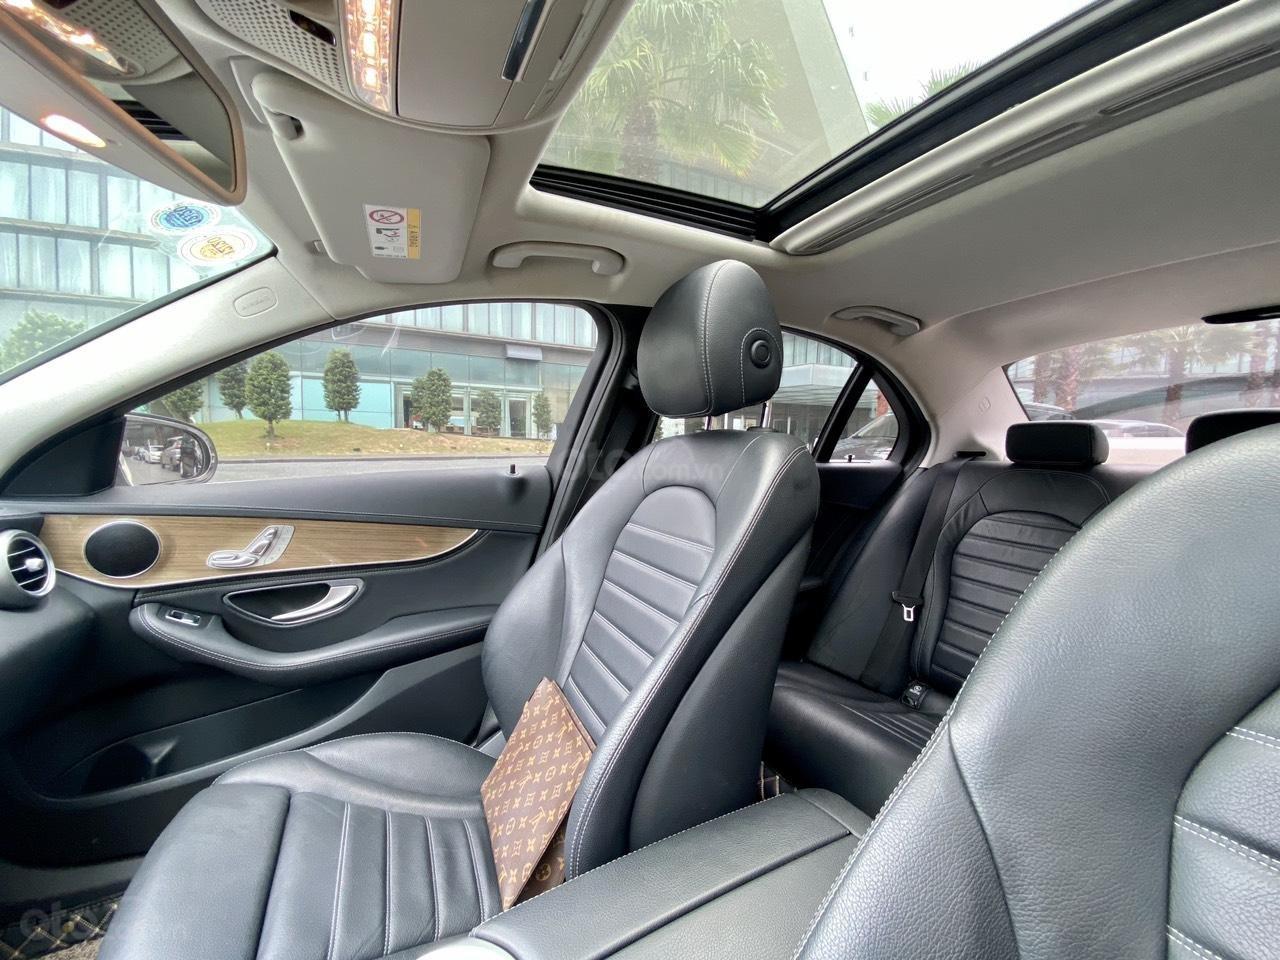 Mercedes C250 SX 2015 model 2016 màu trắng nội thất đen (12)